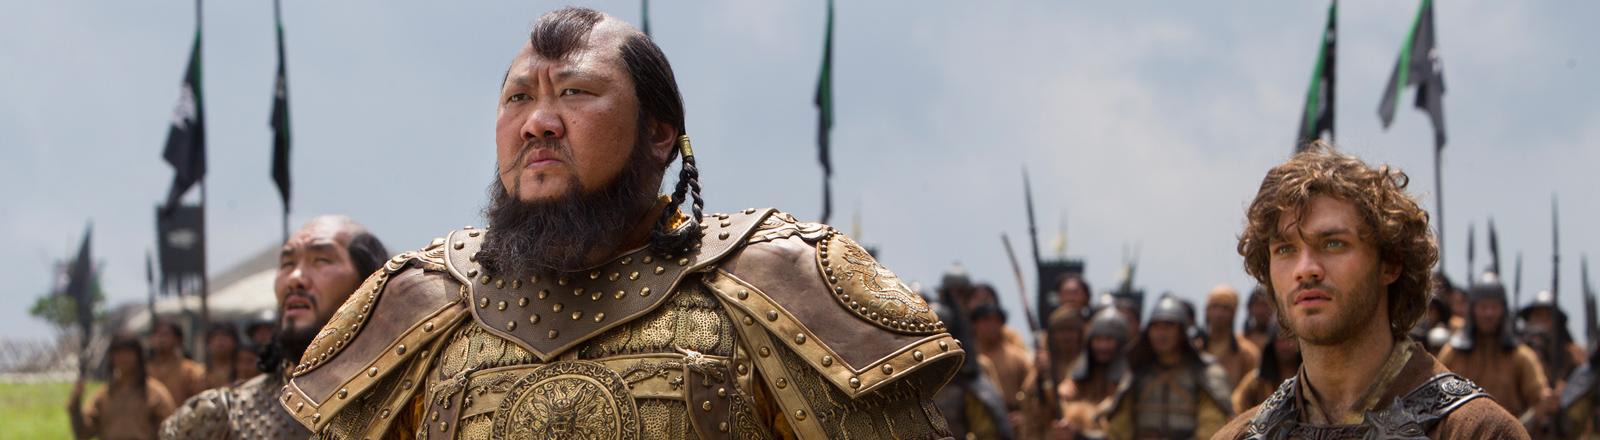 """Daulet Abdigaparov, Benedict Wong und Lorenzo Richelmy in einer Szene der Netflix Serie """"Marco Polo."""